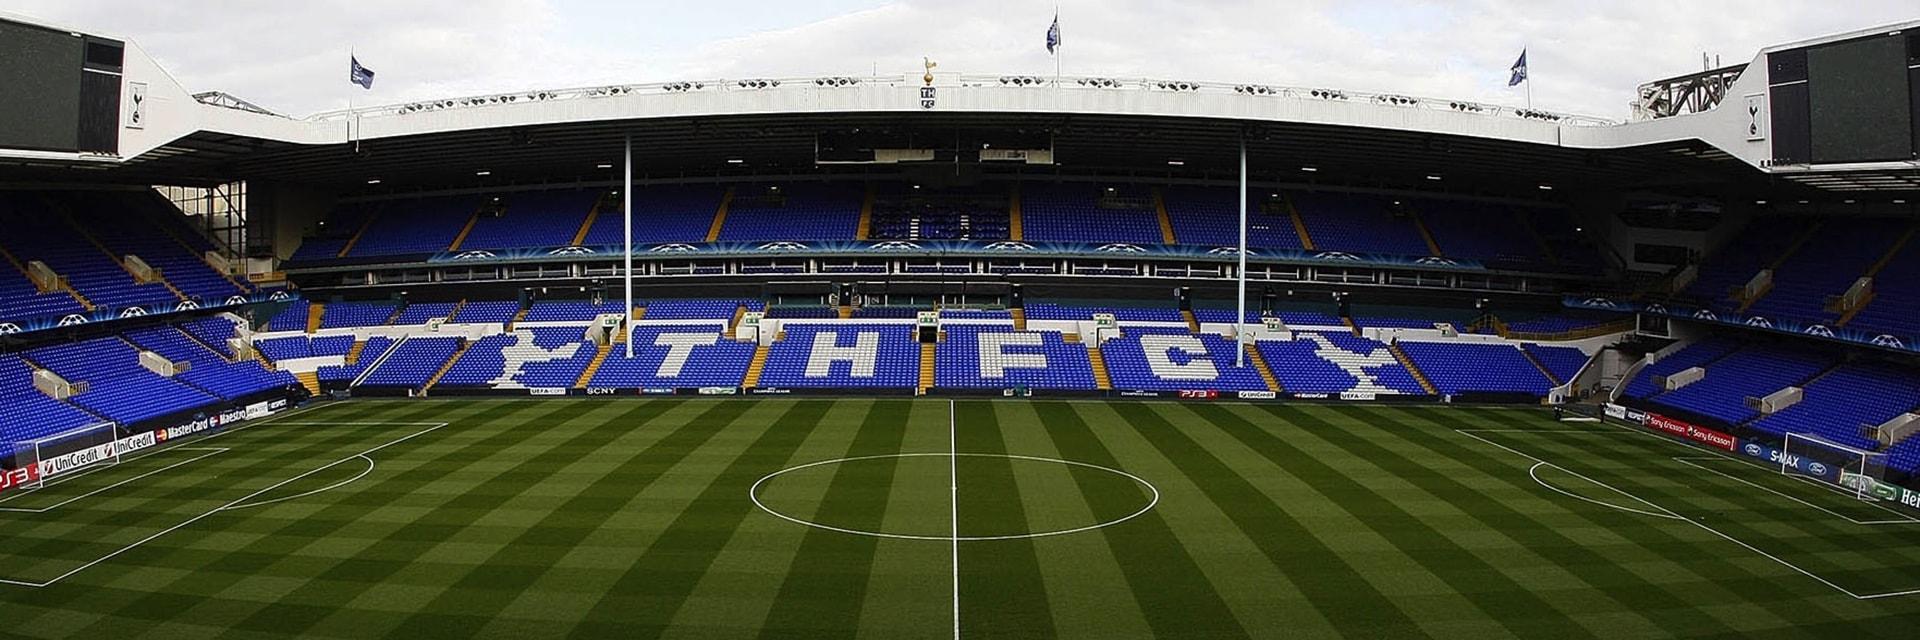 Tottenham Hotspur - Aston Villa, 6 augustkl. 17:30